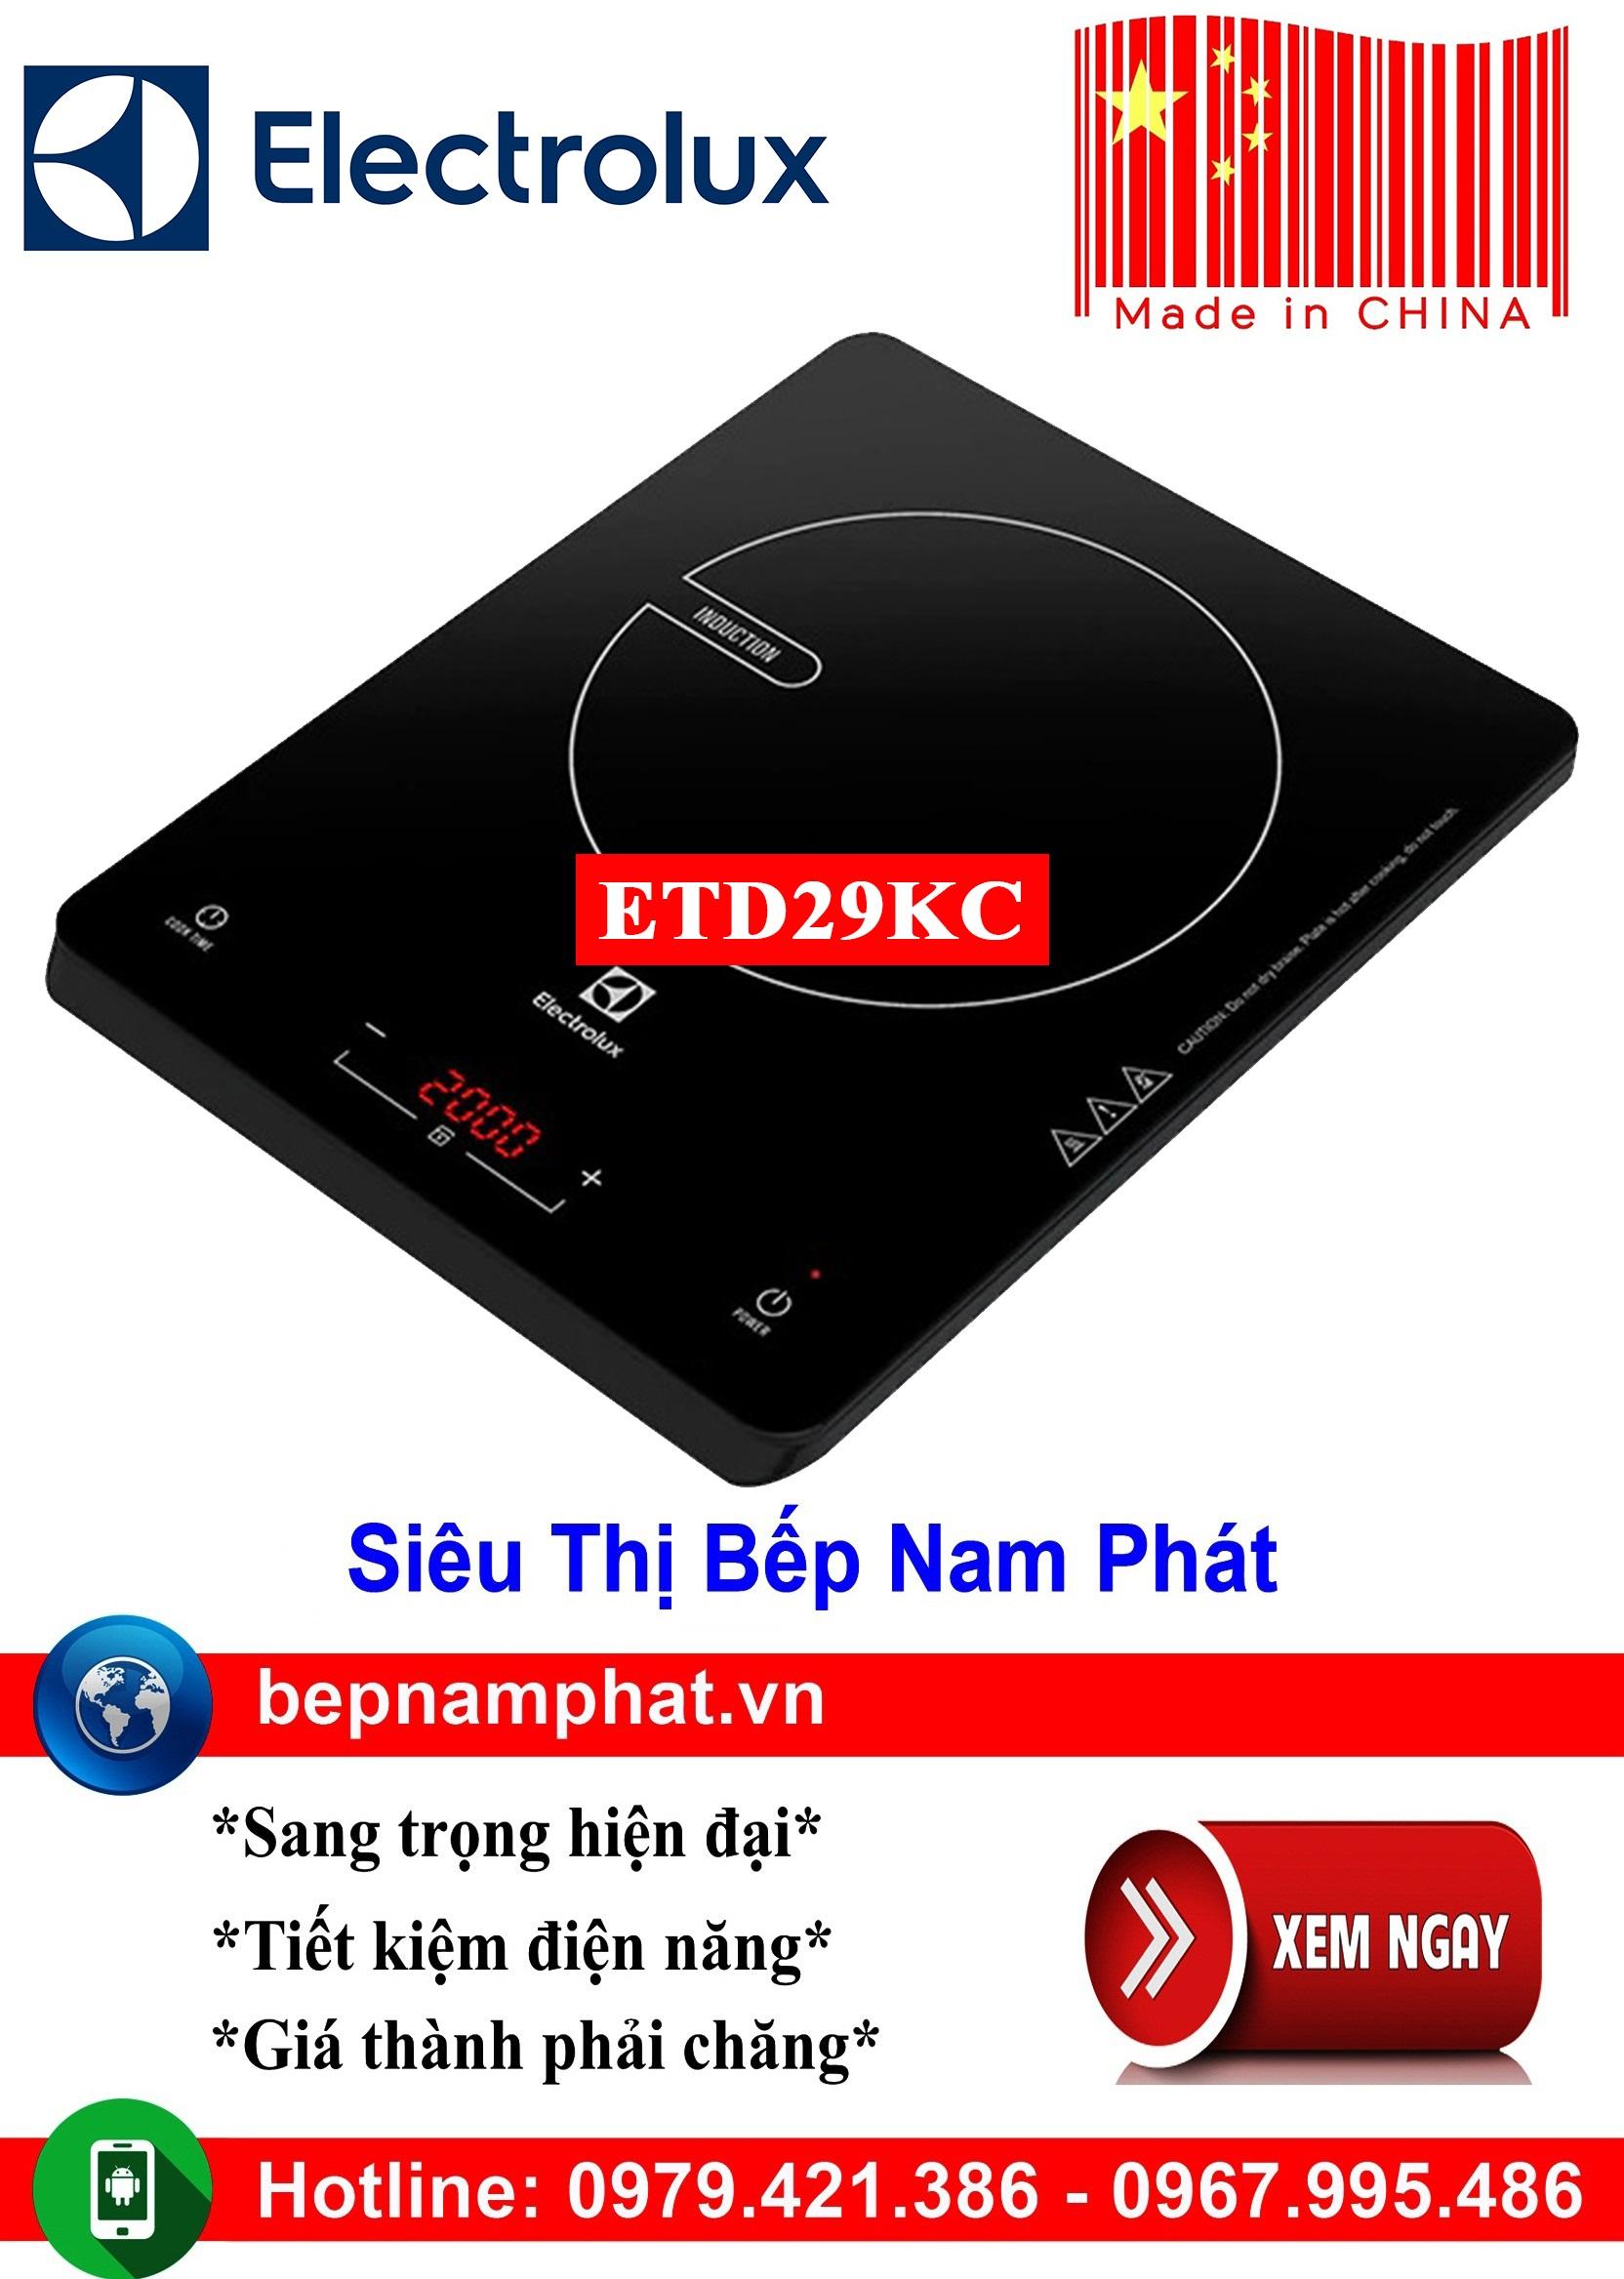 Bếp từ đơn Electrolux ETD29KC sản xuất Trung Quốc bếp từ bếp điện từ bếp từ đôi bếp điện từ đôi bếp từ giá rẻ bếp điện từ giá rẻ bếp từ đơn bep tu don bep tu